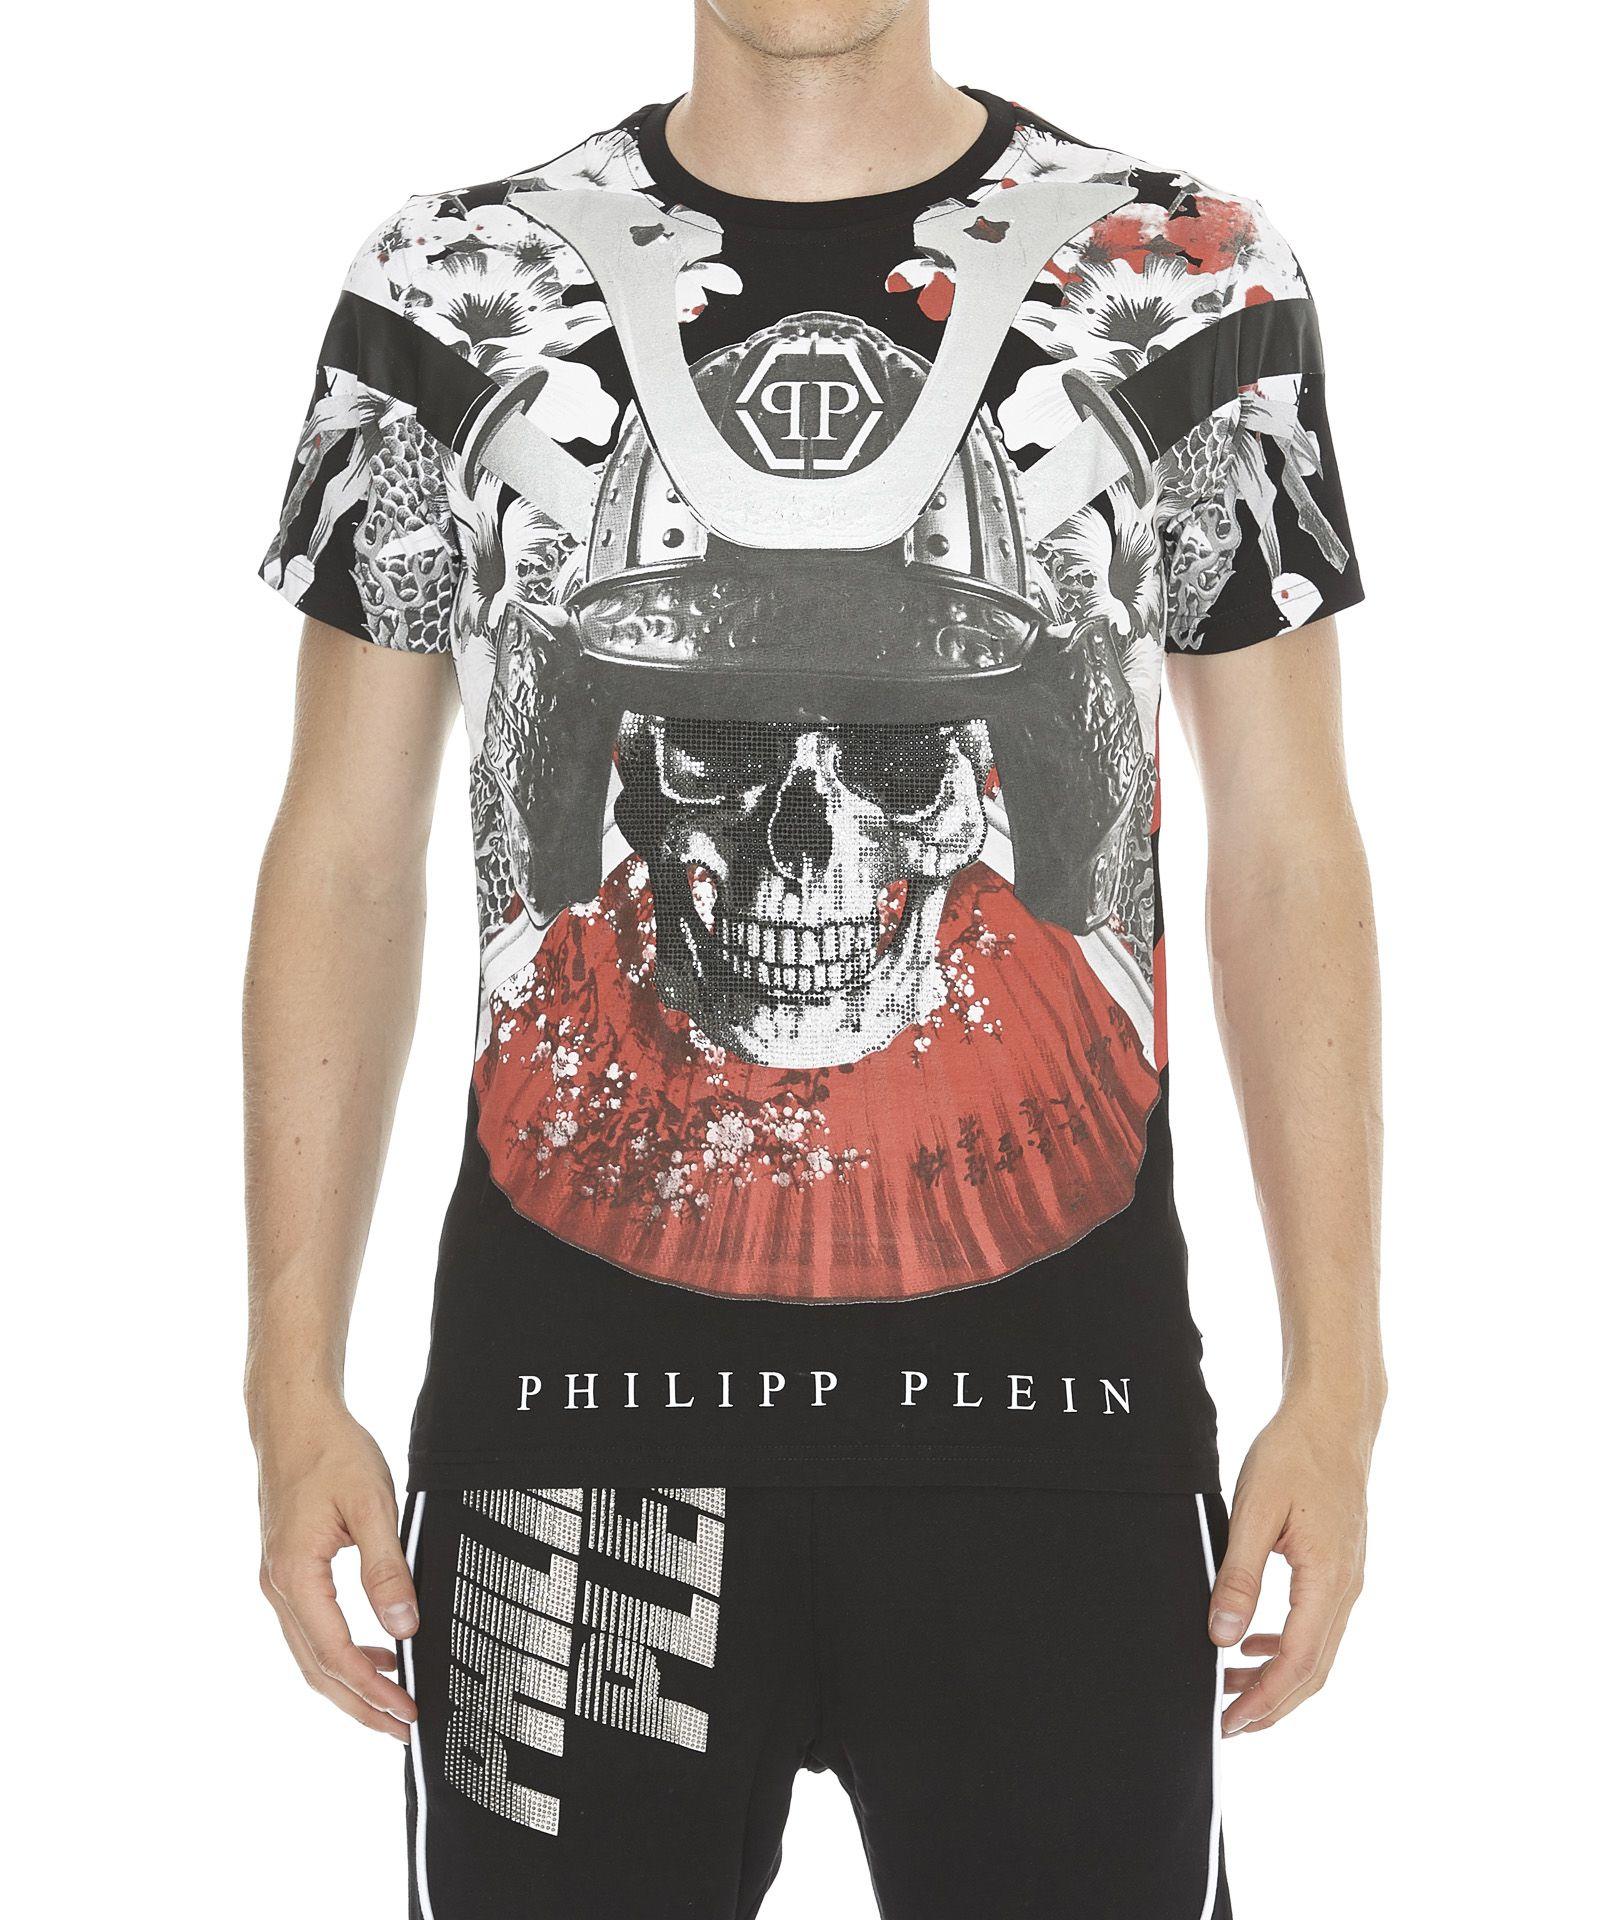 Philipp Plein Aizen Tshirt